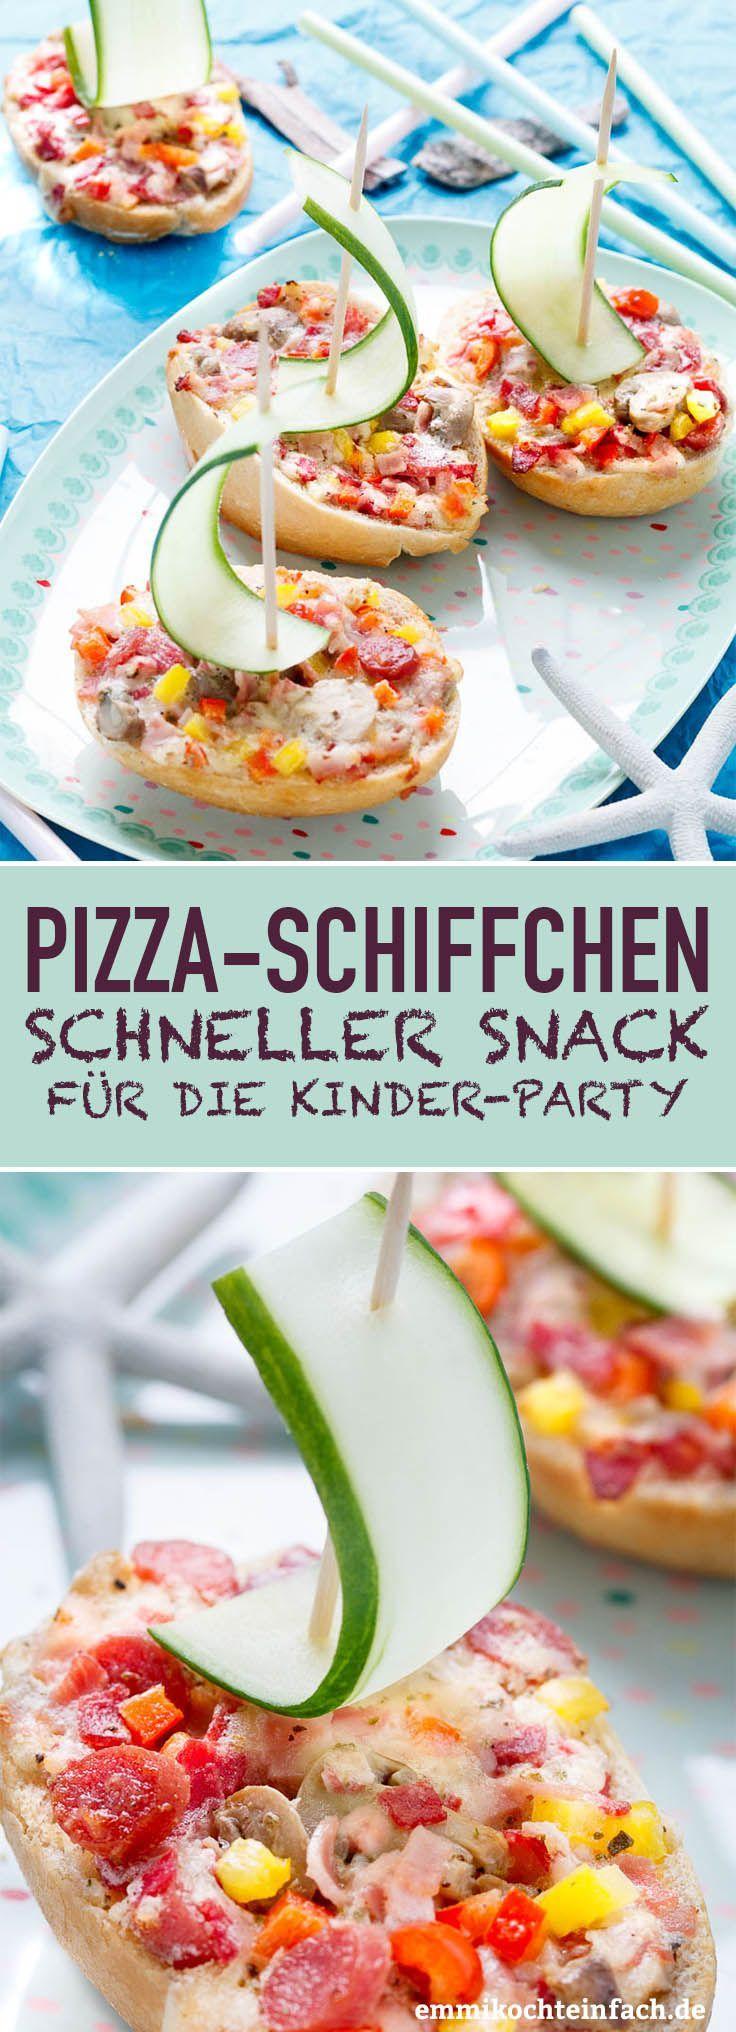 Pizza-Schiffchen - Der schnelle Snack für die Kinder-Party - emmikochteinfach #childrenpartyfoods